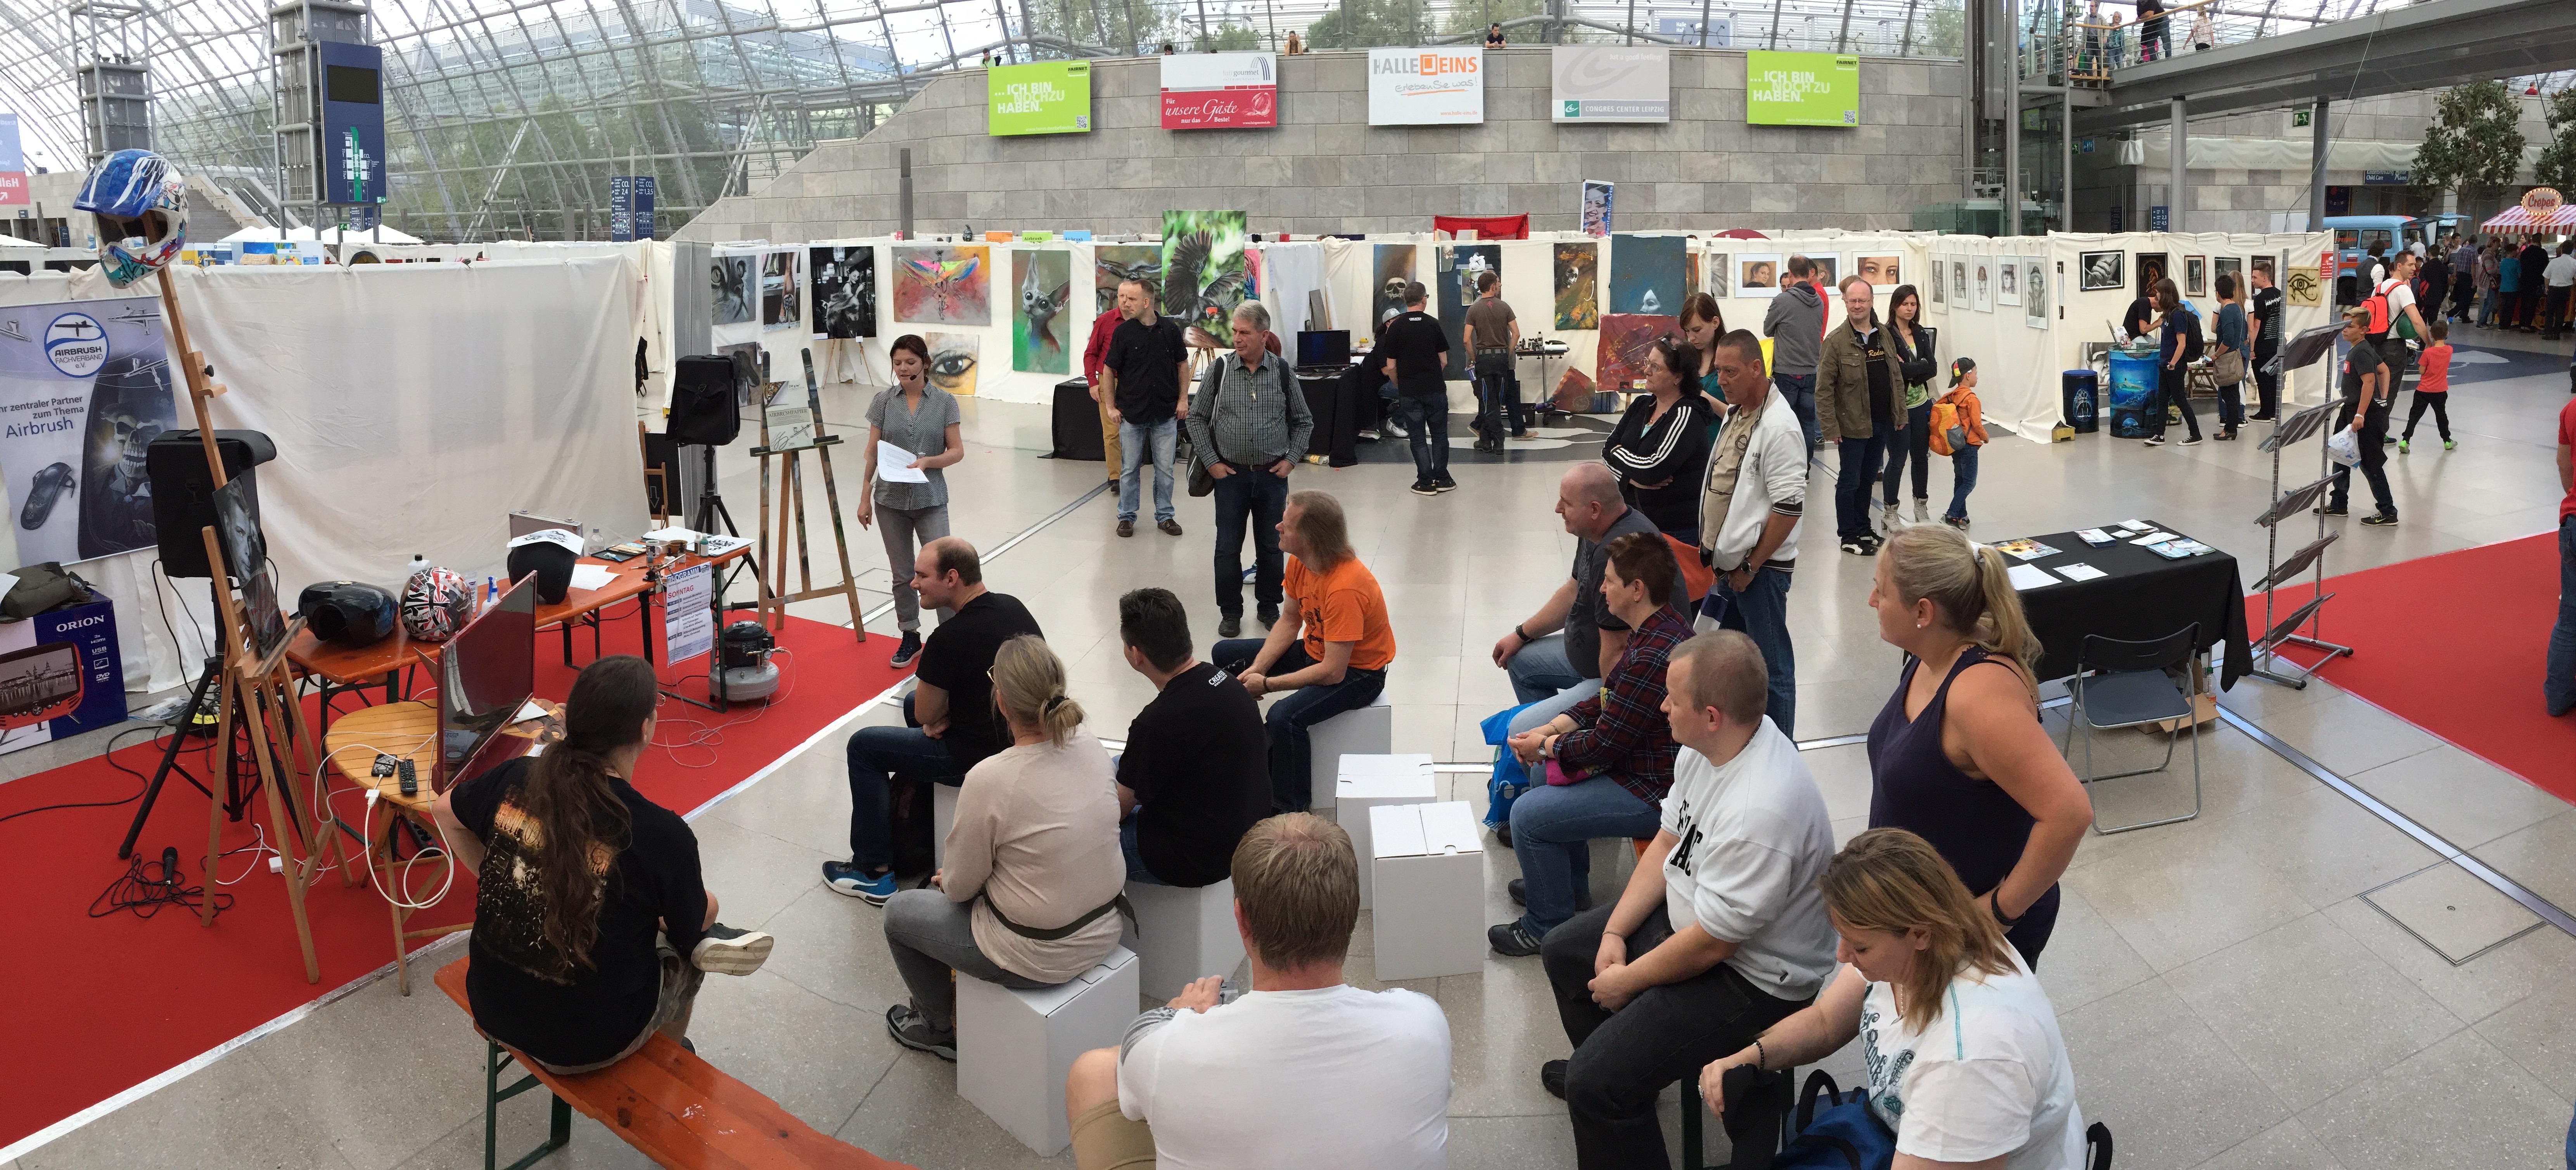 Airbrush Expo Leipzig 2017: Neue Kunstwerke und Aktionen